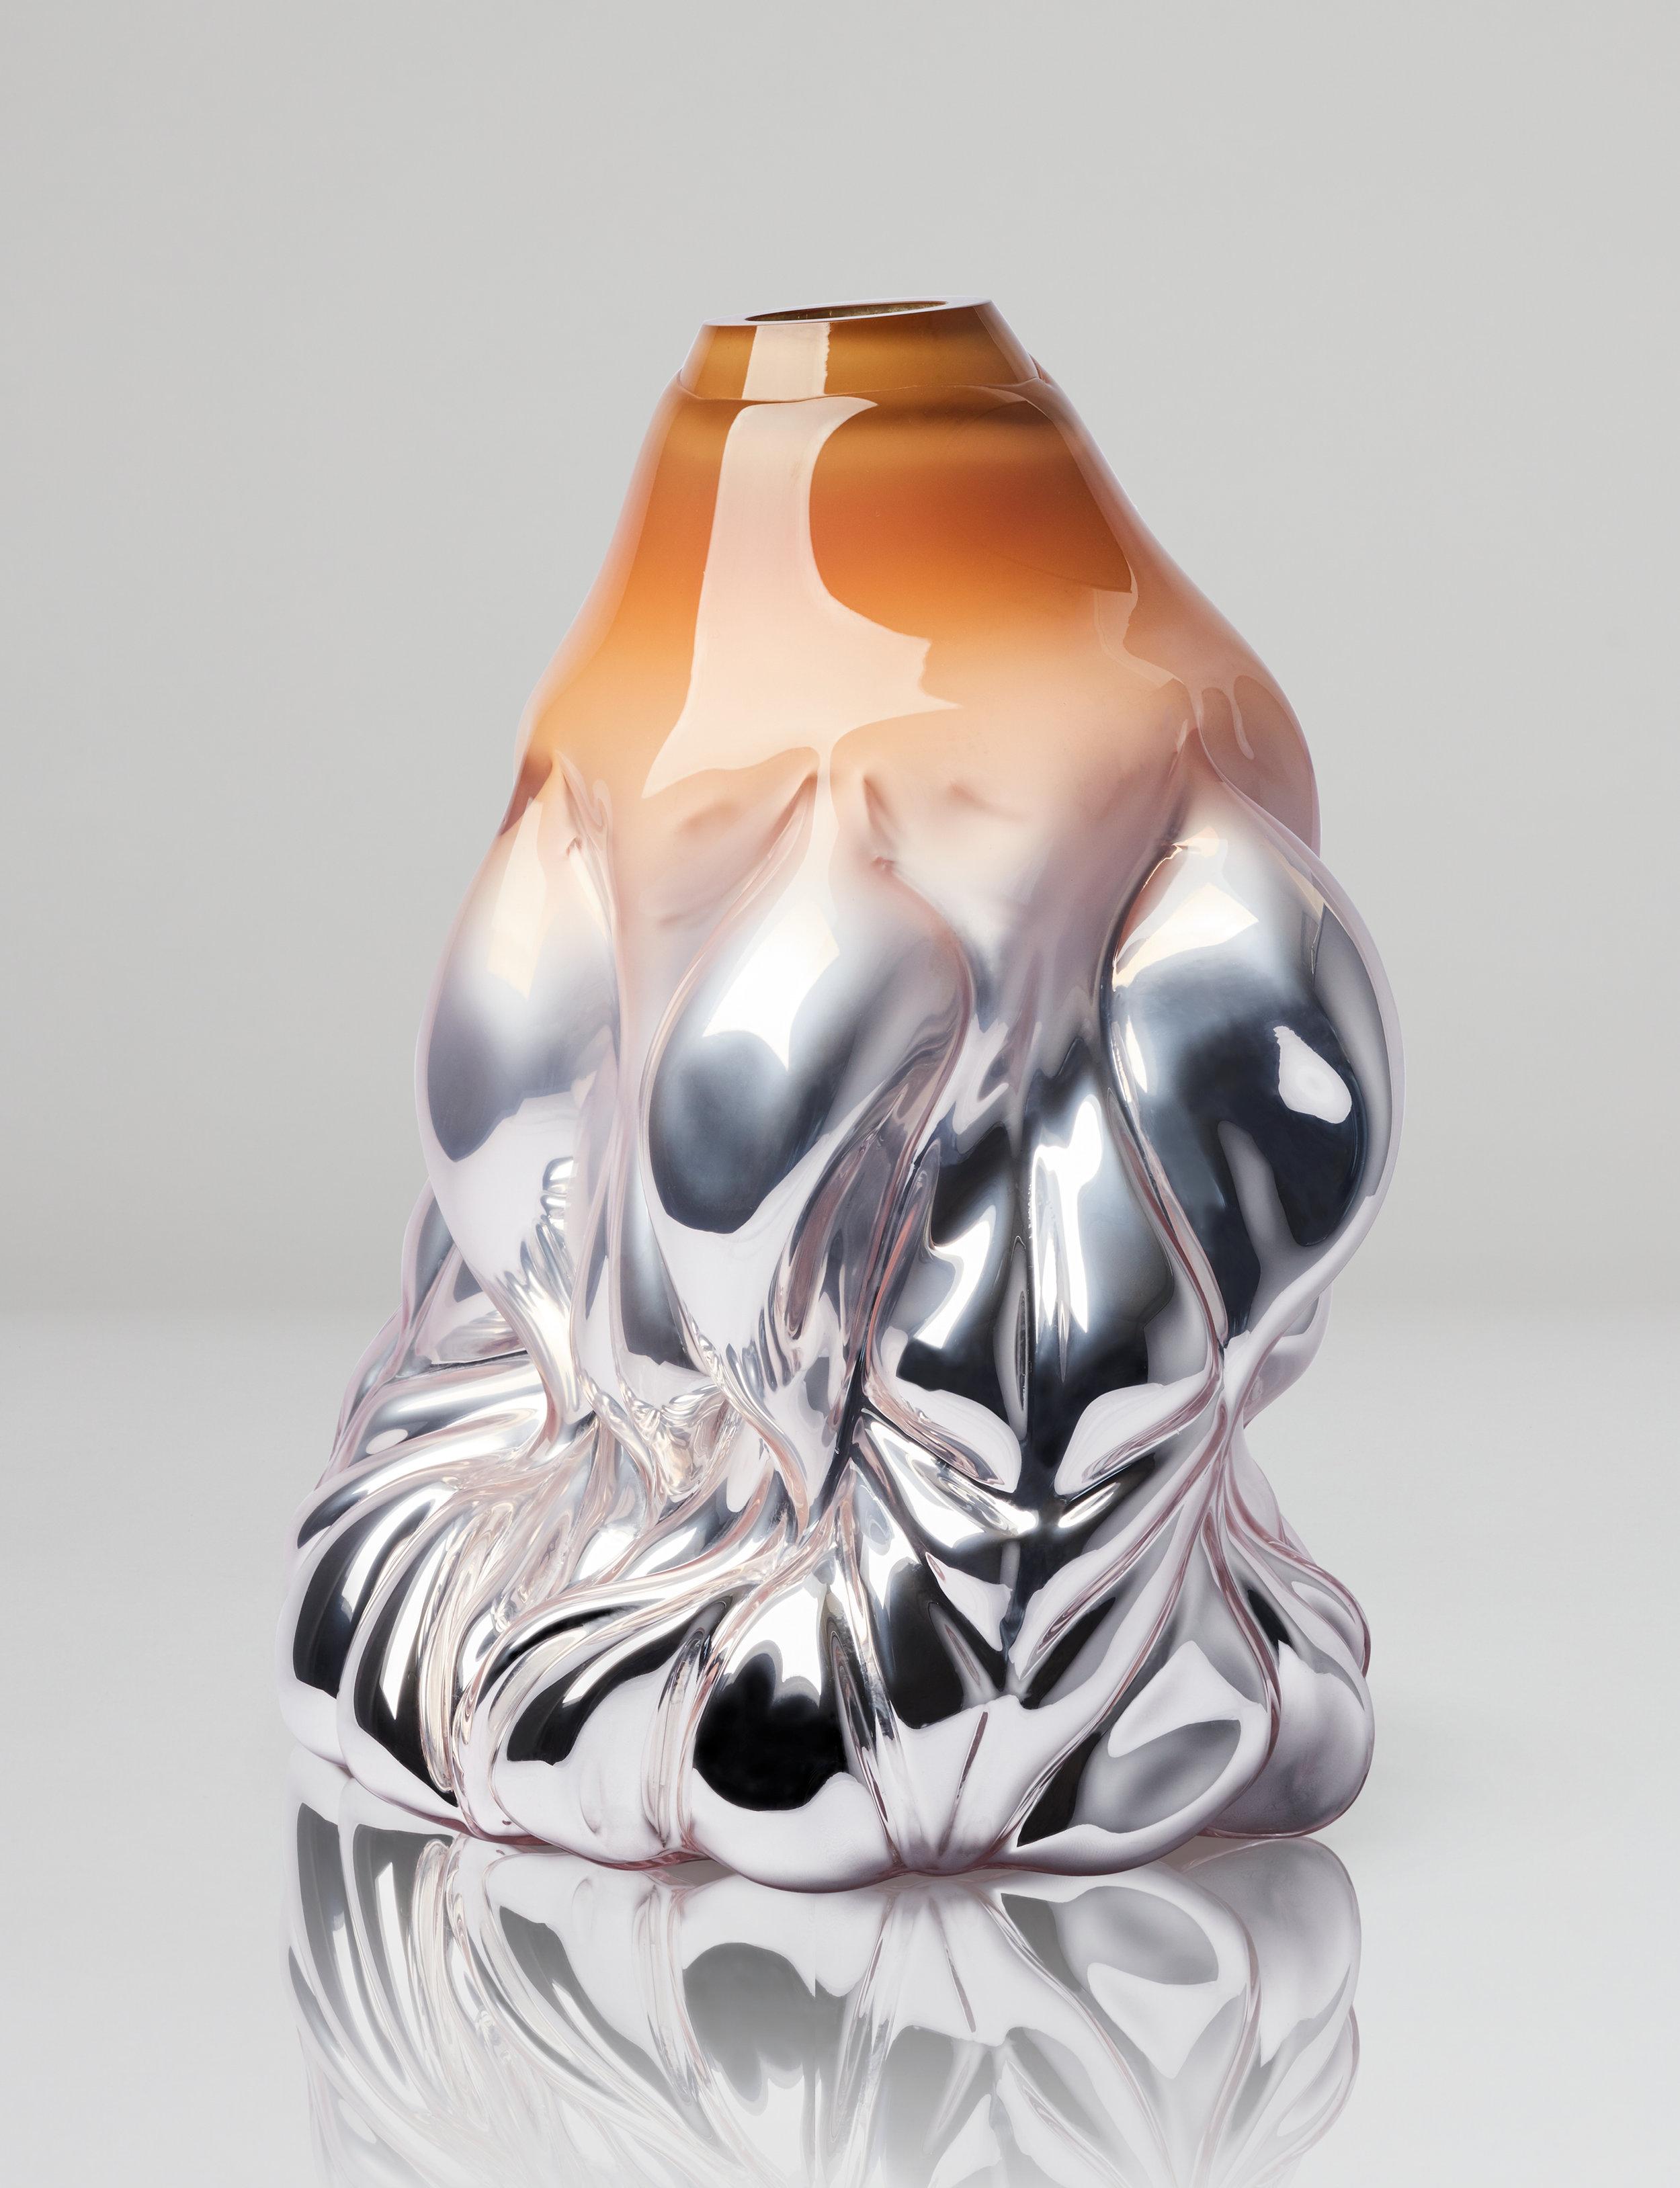 Goldfish Print, apricot metallic. 2018. Boda Glasbruk. Shape-blown glass, silver foiled. 45 cm x 36 cm. Edition 1+2 AP.